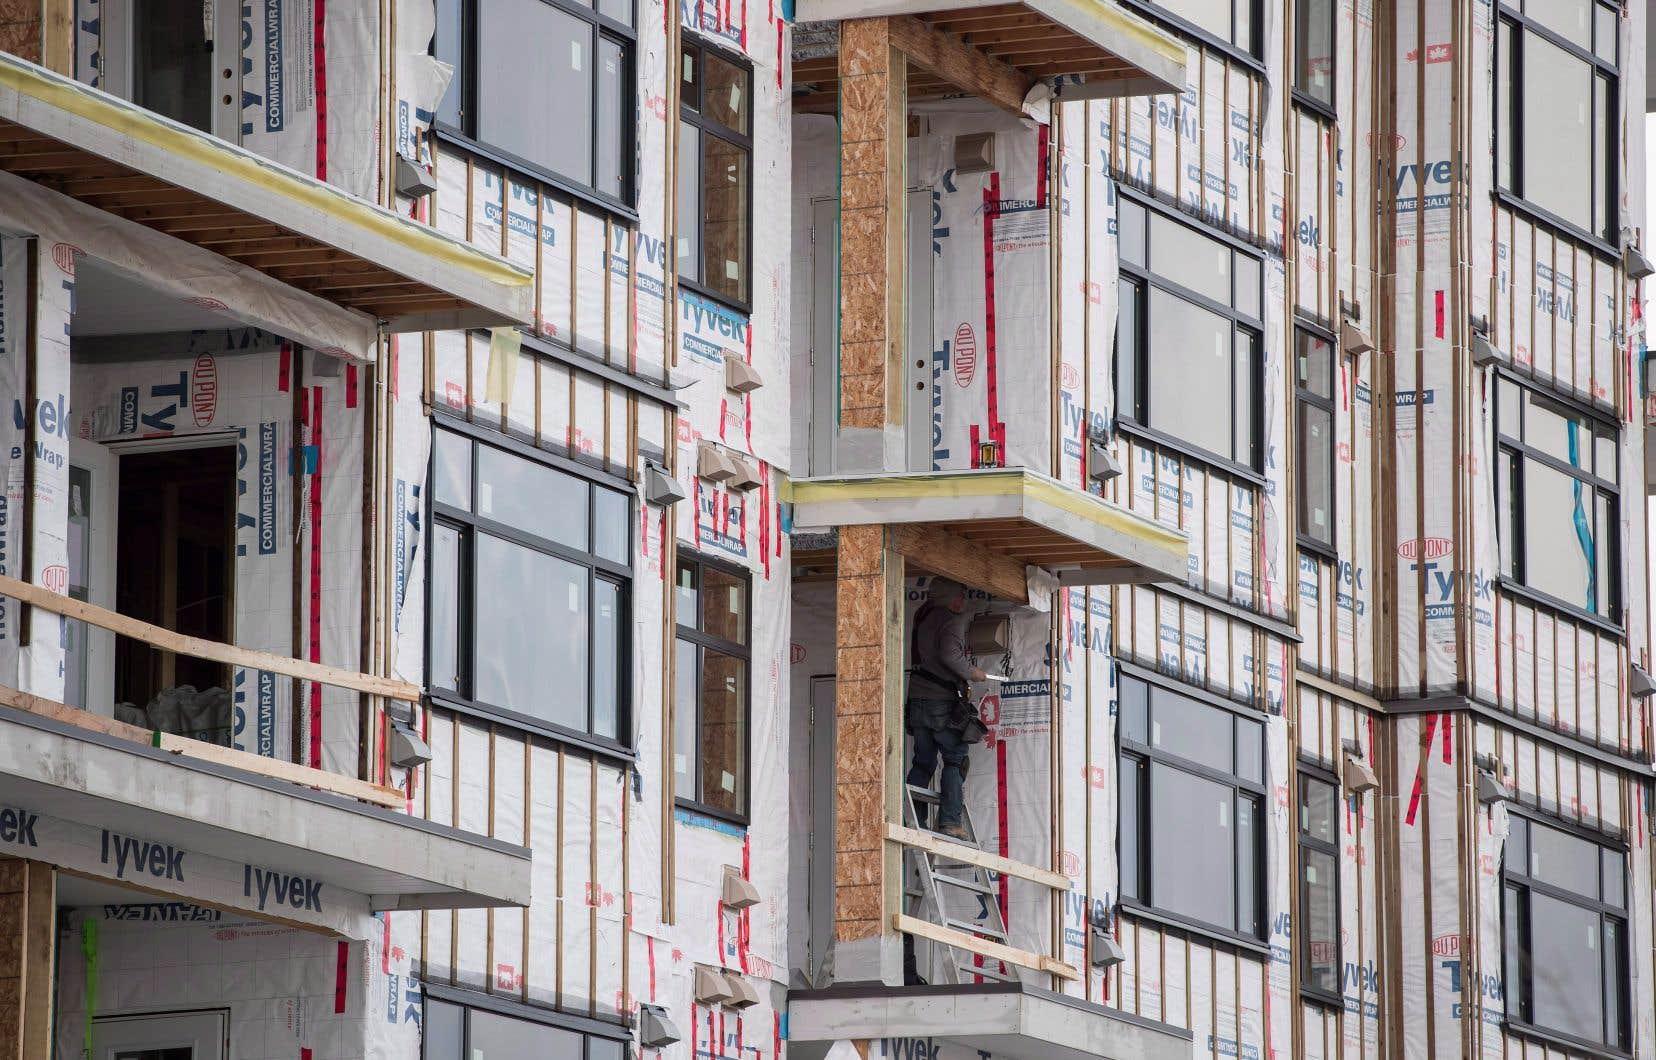 Au Québec, aucun contrôle de qualité n'est fait durant la construction des bâtiments résidentiels. C'est à l'entrepreneur responsable du chantier que revient ce rôle. En juin, la vérificatrice générale du Québec, Guylaine Leclerc, a d'ailleurs soulevé, dans son rapport annuel,le manque de vérification par la RBQ des compétences et des antécédents des entrepreneurs en construction.